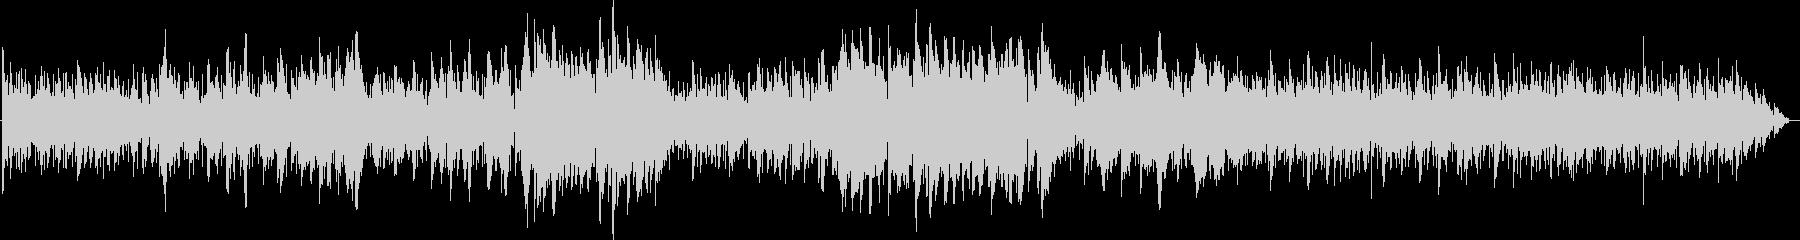 エレクトリックでジャッジーなバラードの未再生の波形